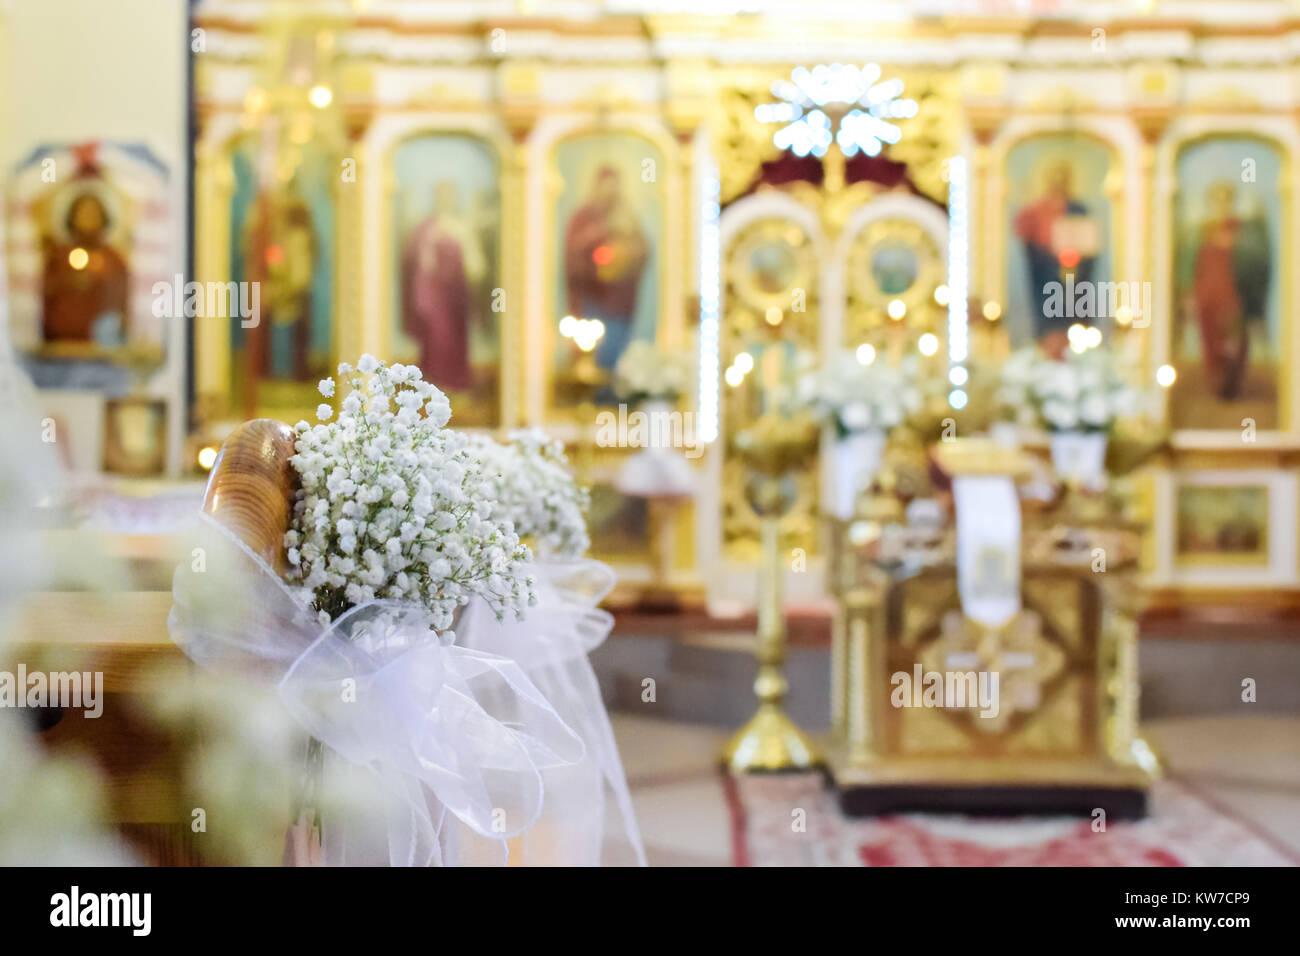 Die Dekoration Der Hochzeit Blumen Vor Dem Hintergrund Einer